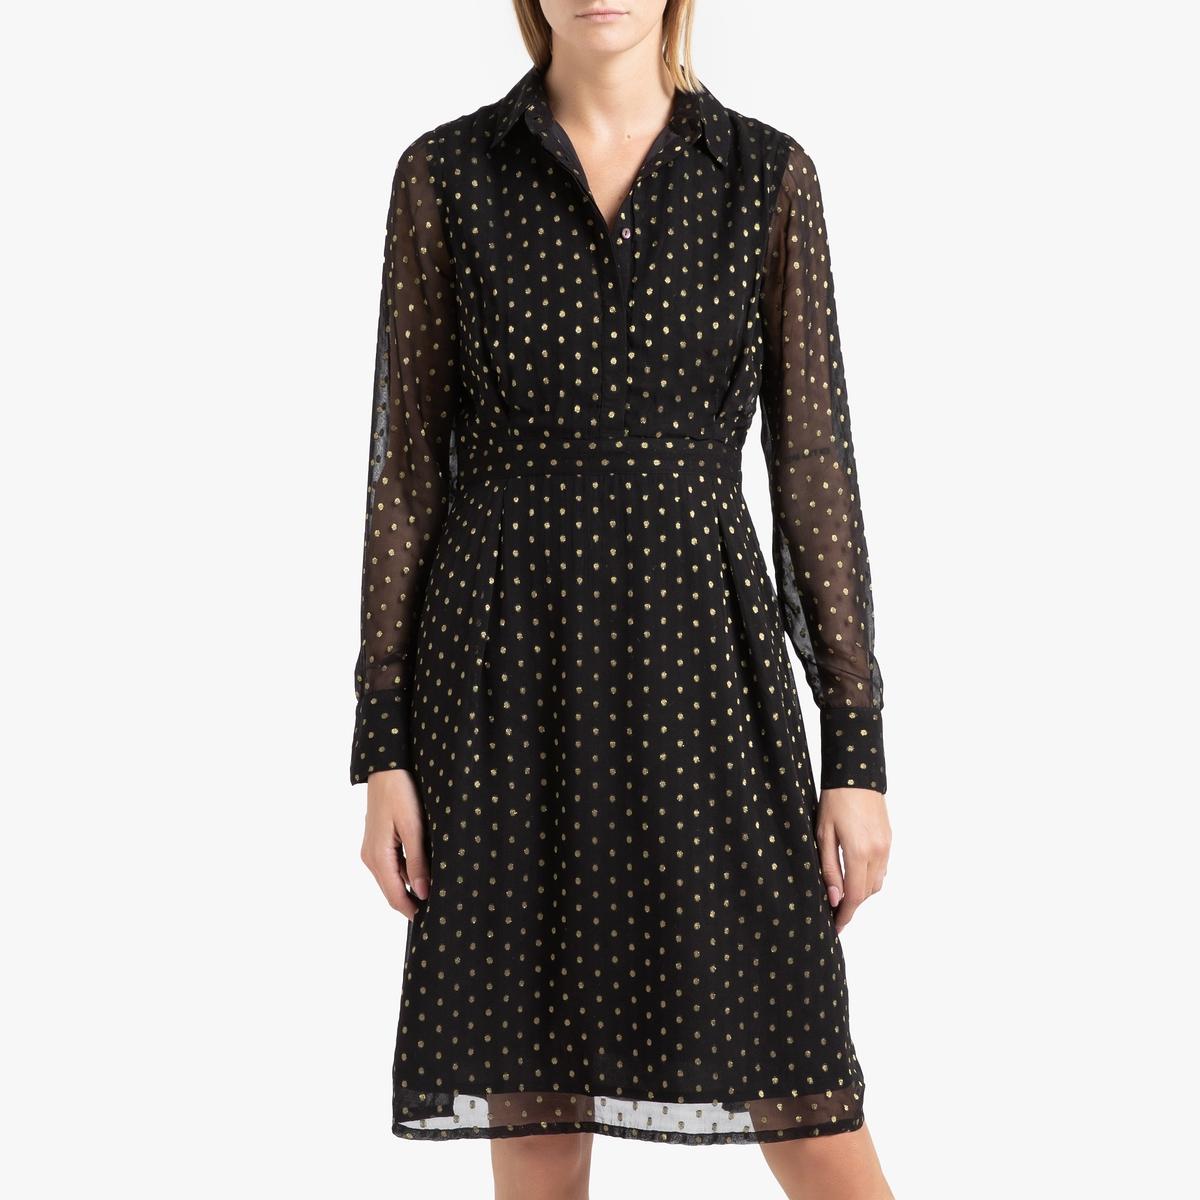 Платье La Redoute Радужное ESTELLE 36 (FR) - 42 (RUS) черный жакет блейзер la redoute приталенный средней длины 36 fr 42 rus черный